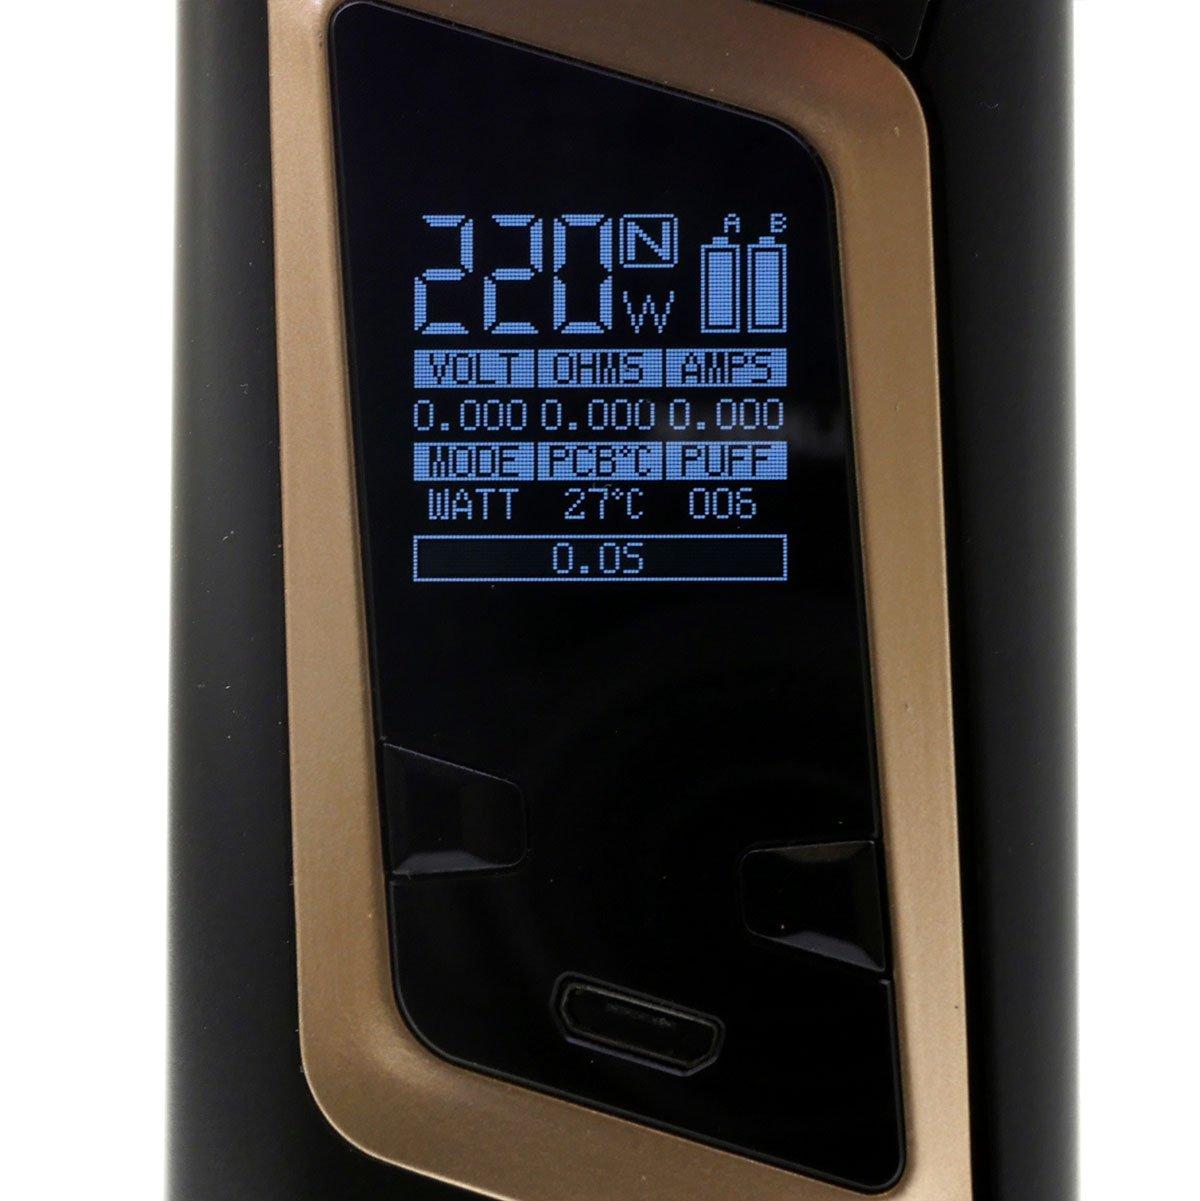 SMOK Alien Box MOD 220W para la celda 2 x 18650 batería, negro y oro - ni nicotina, ni tabaco: Amazon.es: Salud y cuidado personal